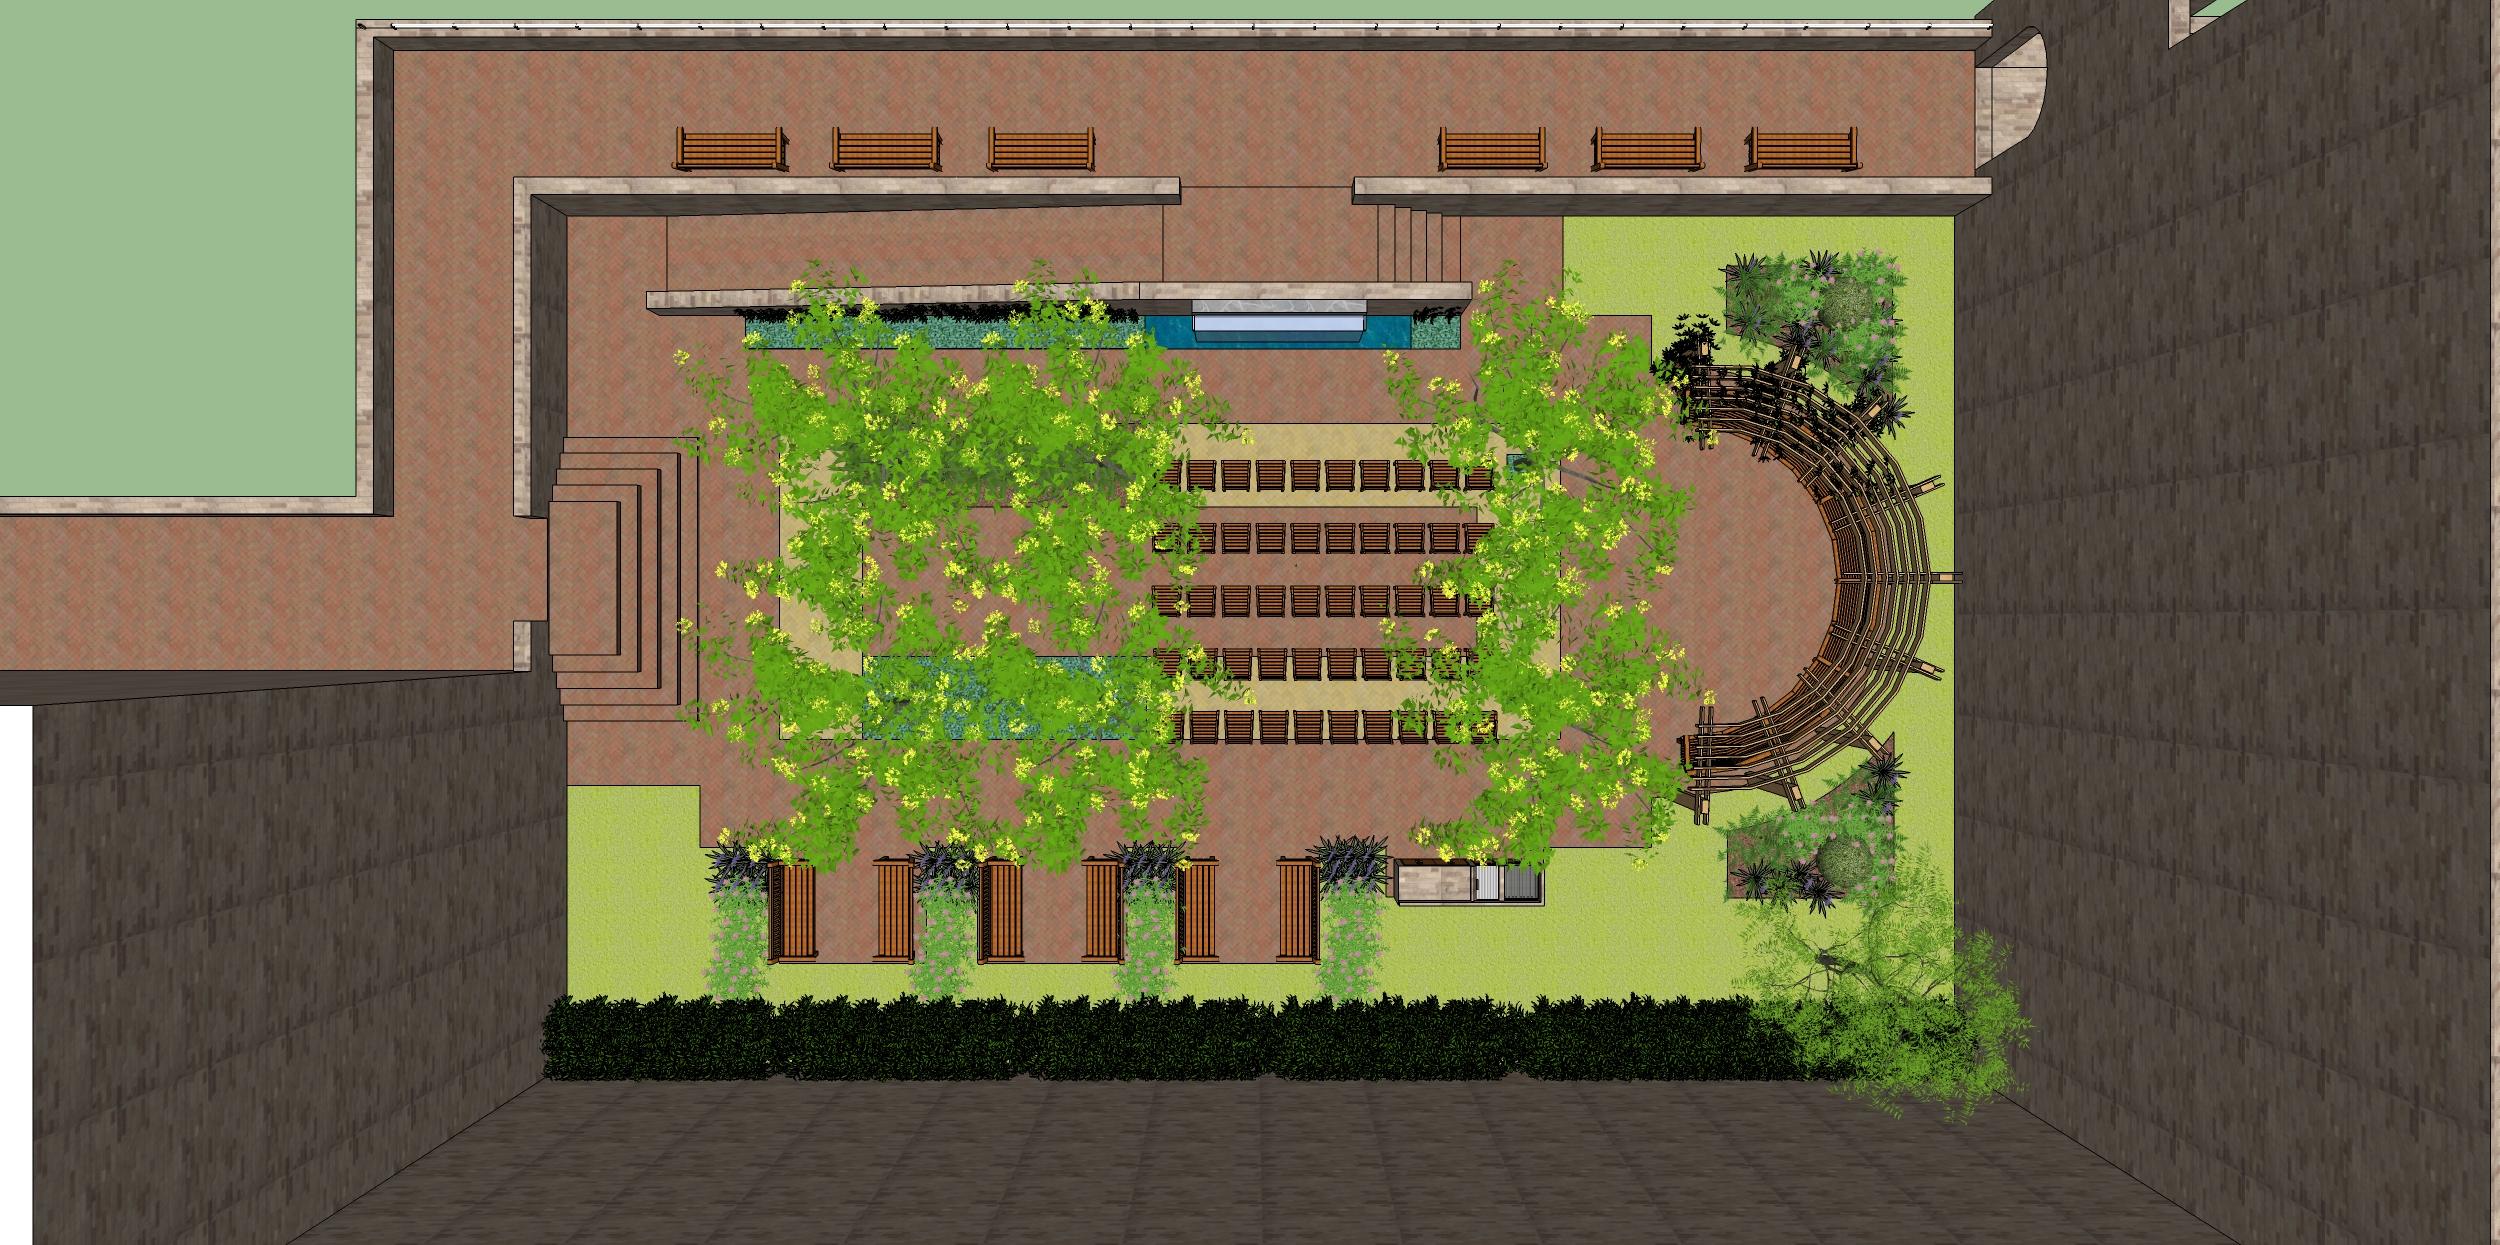 05_Seating Study Samaritan Village-courtyard